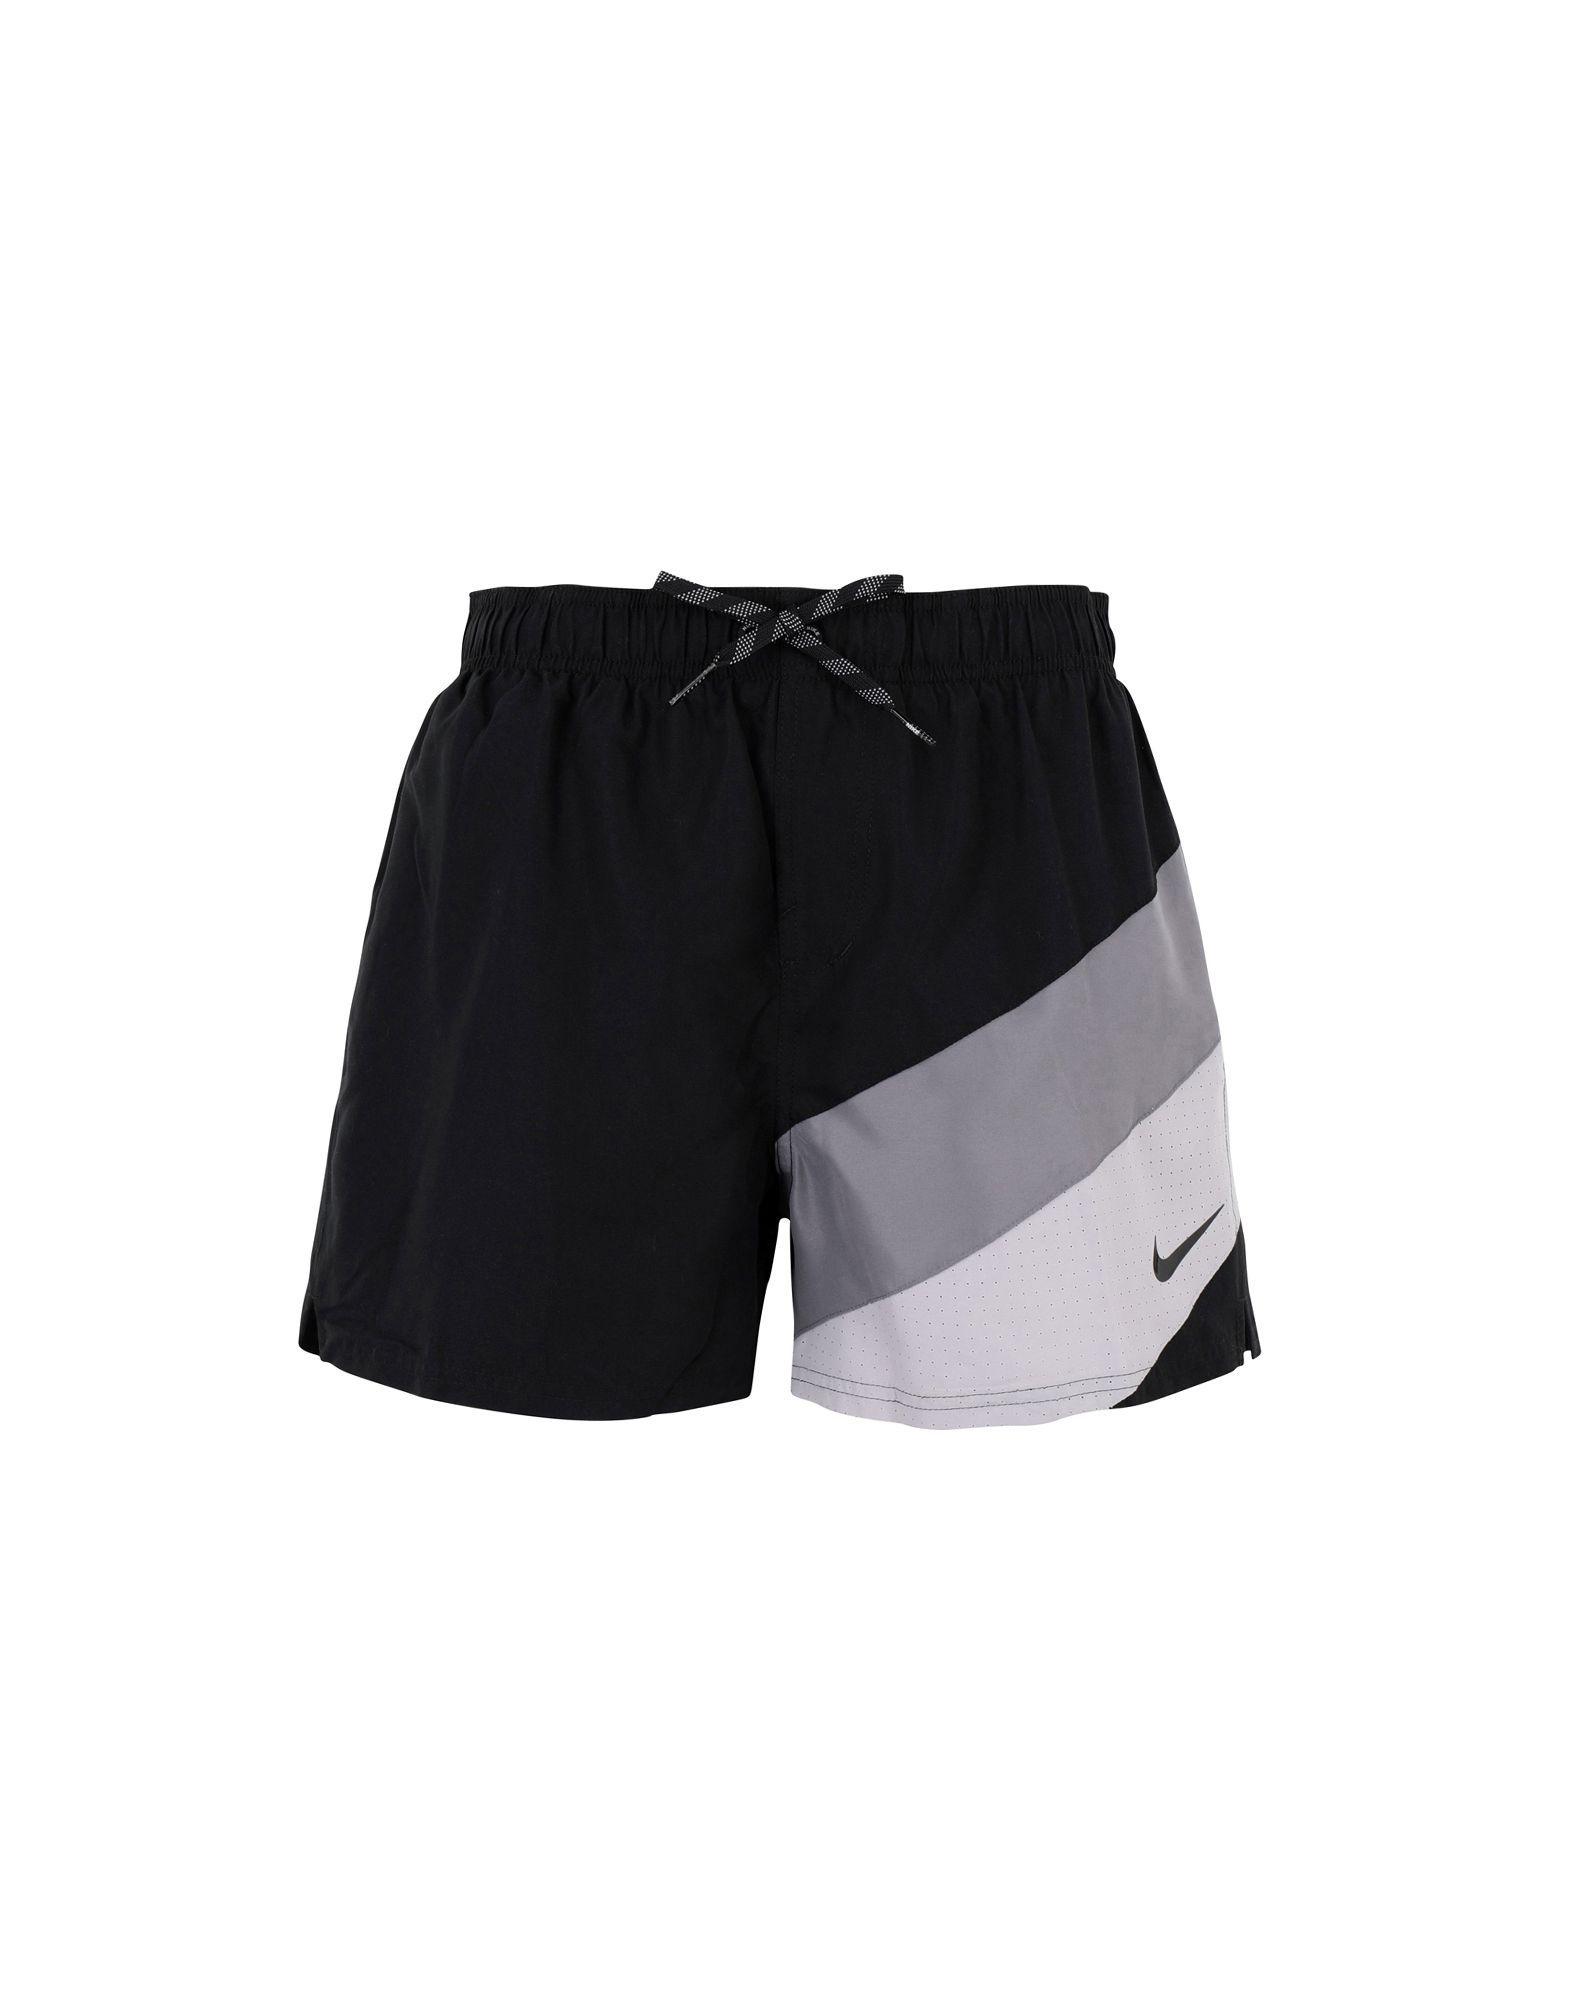 e82c782e3b37b NIKE SWIM TRUNKS. #nike #cloth | Nike in 2019 | Nike swim trunks ...